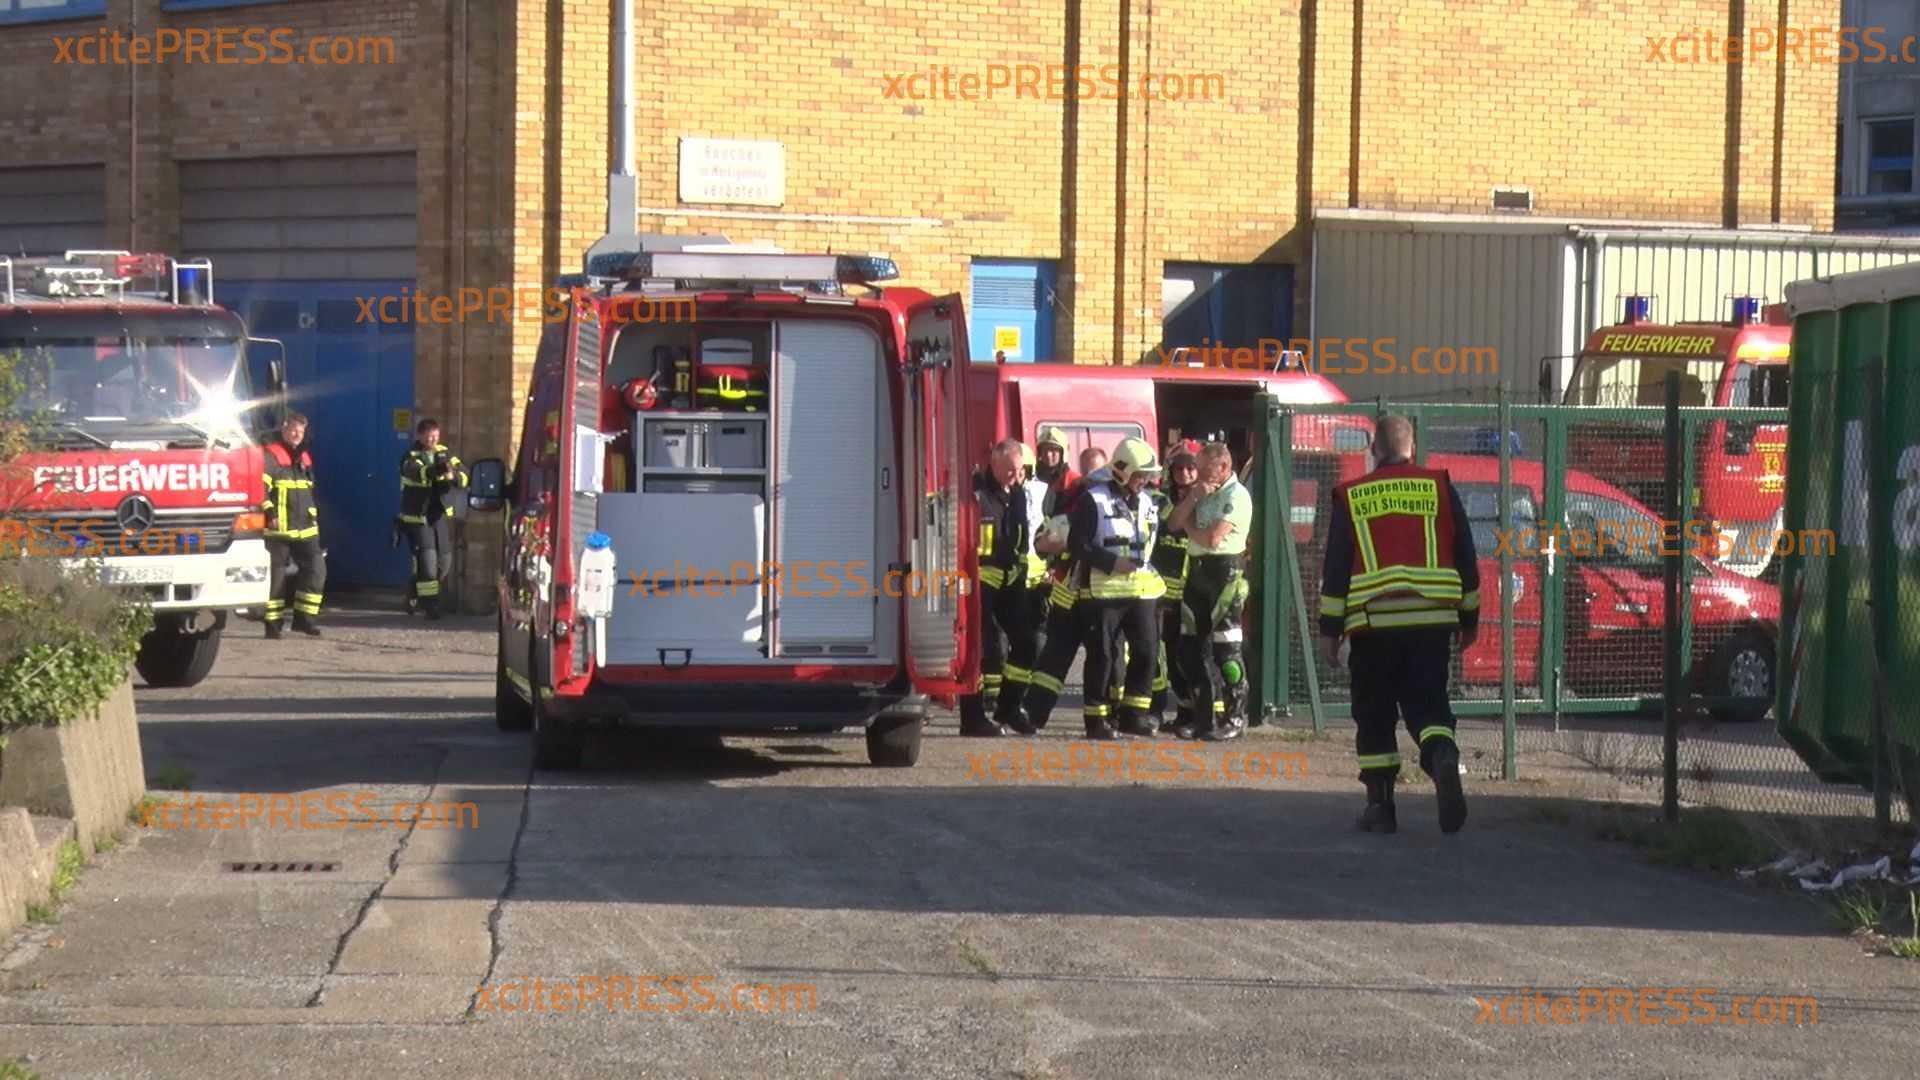 Feuerwehreinsatz bei Pharmaunternehmen: Offenbar unbekannter Stoff ausgetreten